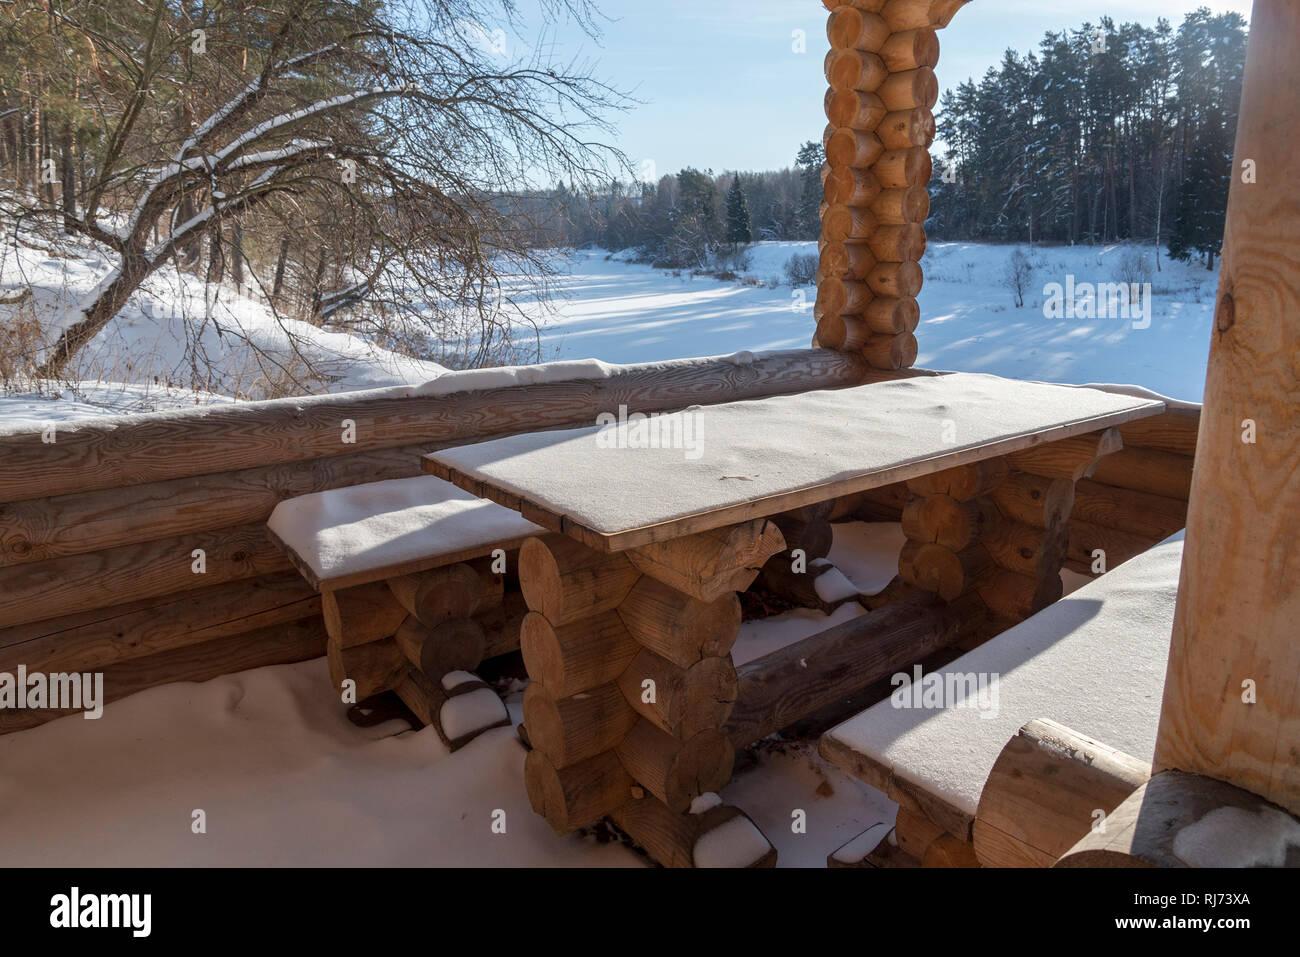 Fresco Cubriendo De Nieve Pura Madera De Caoba Pintada De